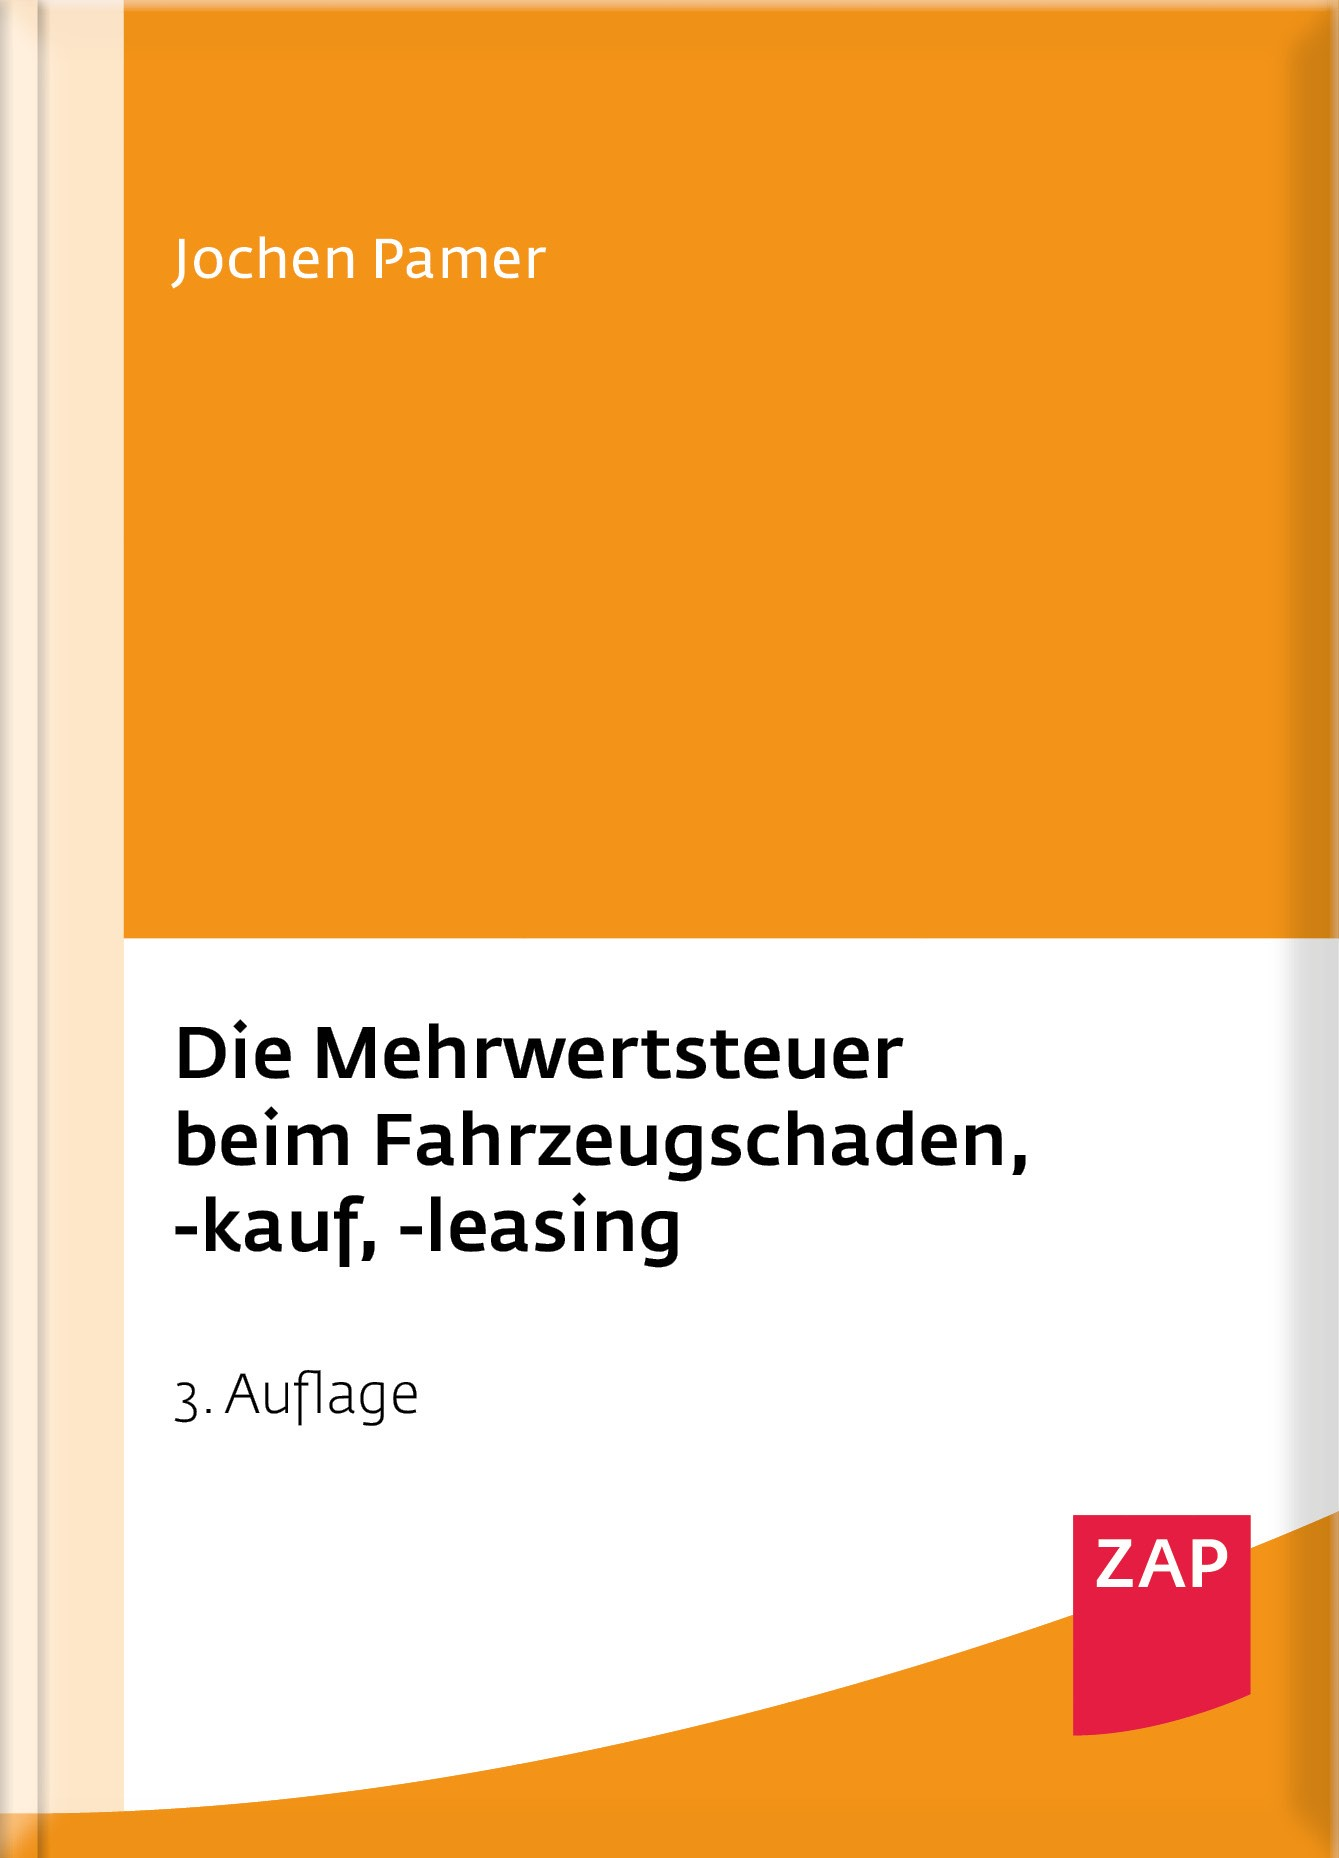 Die Mehrwertsteuer beim Fahrzeugschaden, -kauf, -leasing | Pamer | 3. Auflage, 2017 | Buch (Cover)